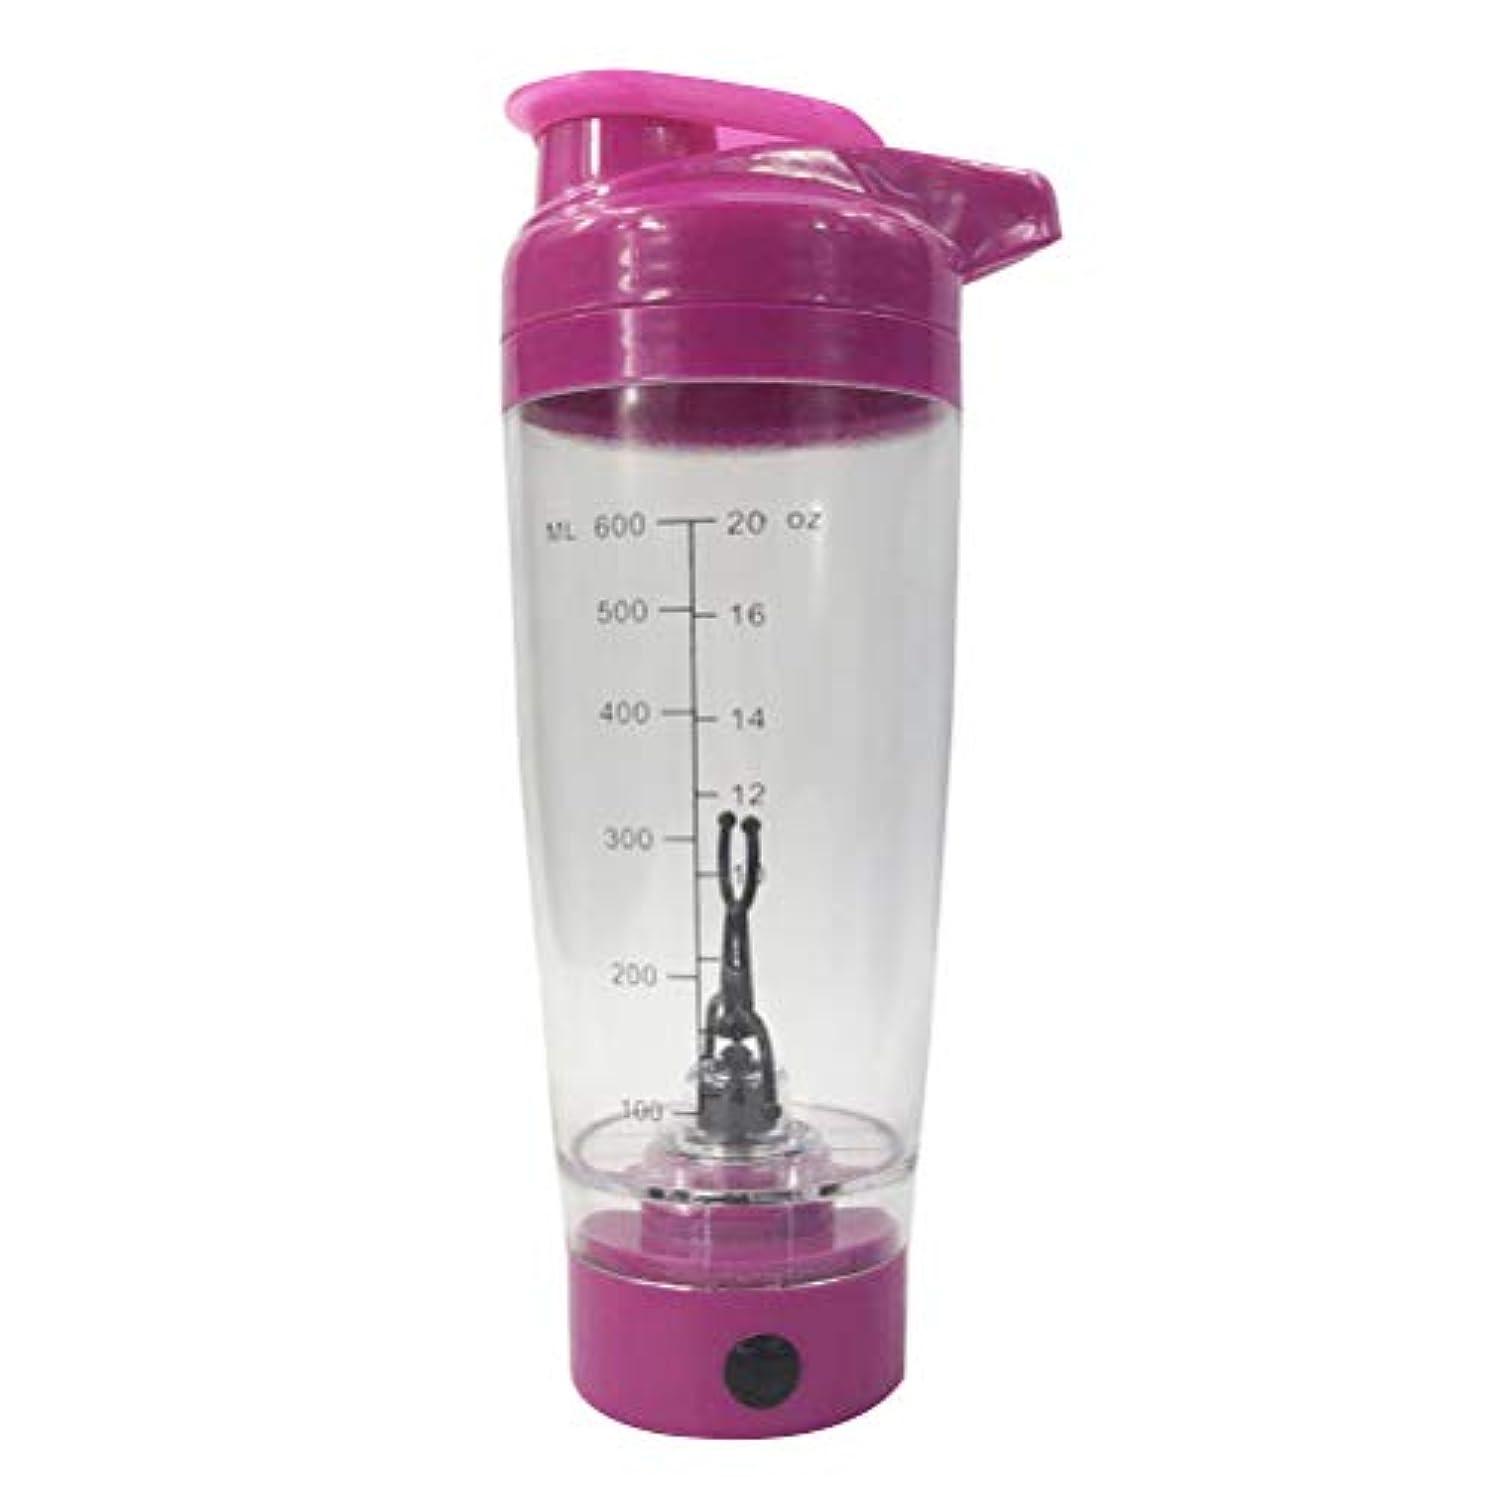 スキッパードメイン執着BESTONZON 電動シェーカー プロテインシェーカー ボトル 多機能 ポータブル 自動攪拌ミキサー 電池式 600ml(ローズレッド)